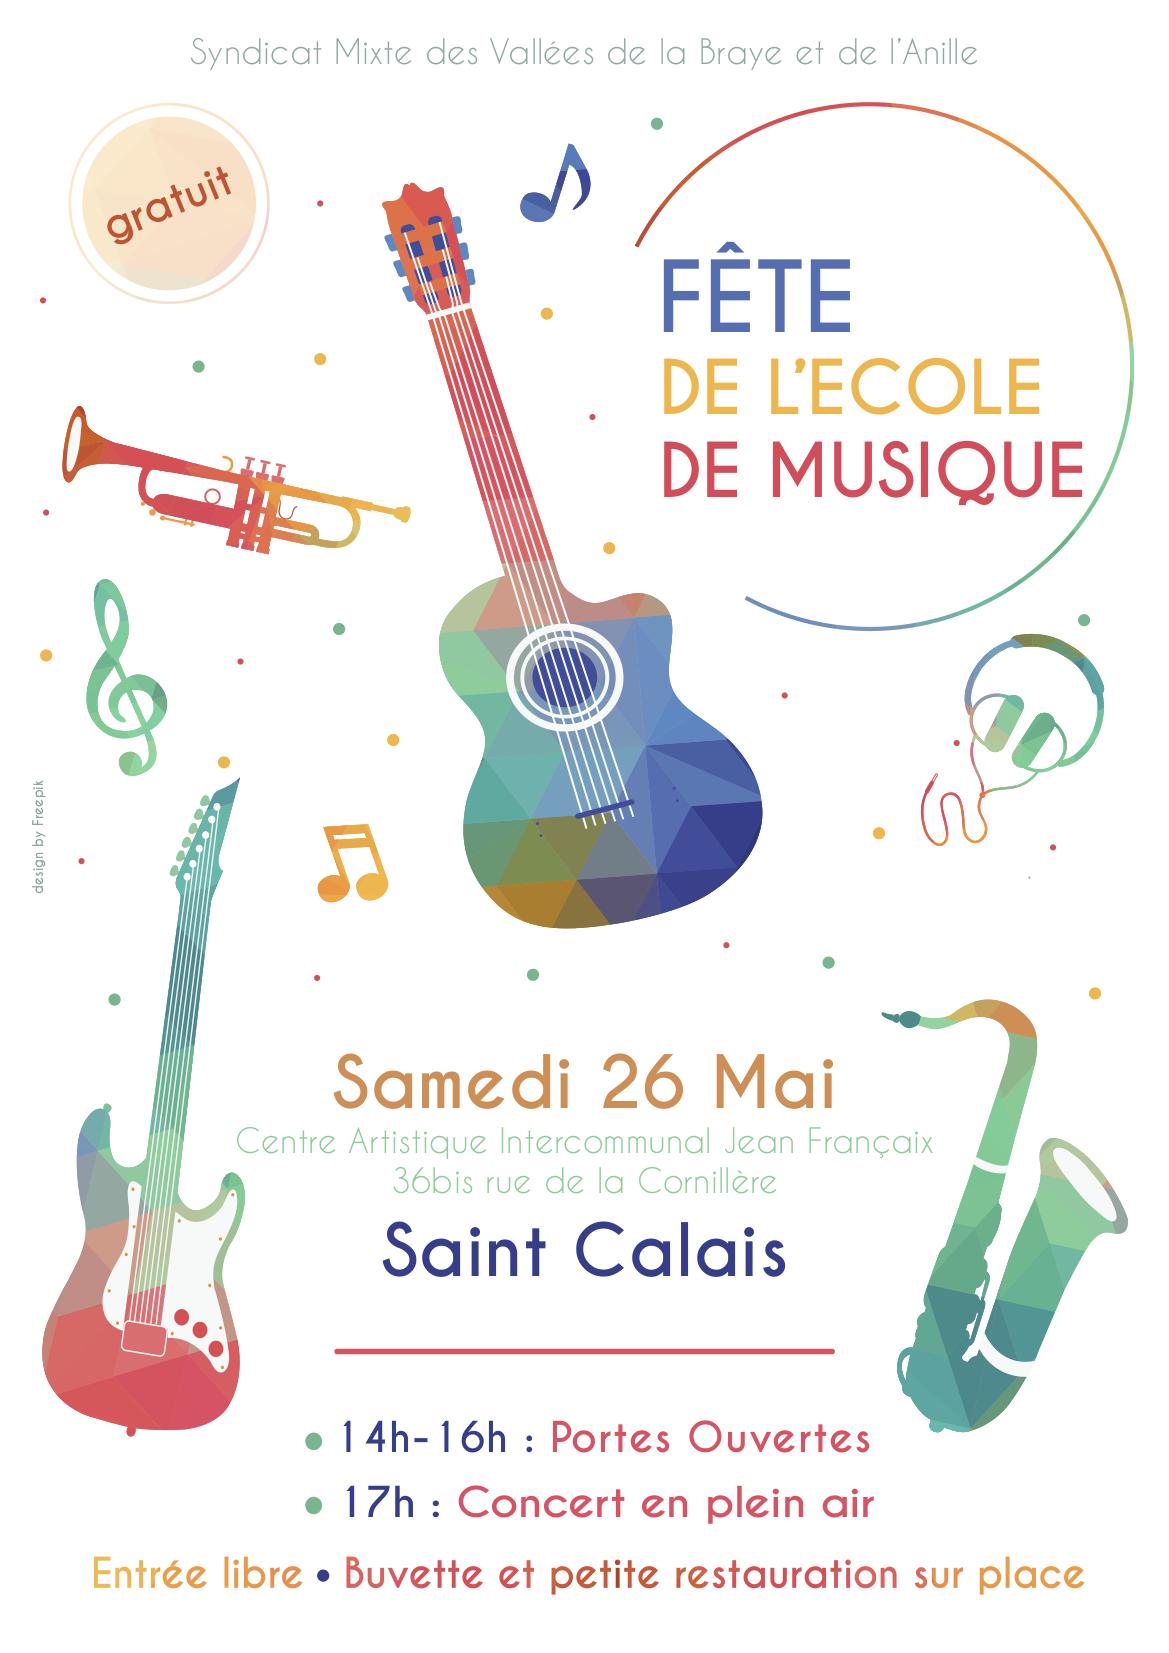 Fête de l'école de musique @ Centre Artisitique Jean-Françaix, 36bis rue de la Cornillere